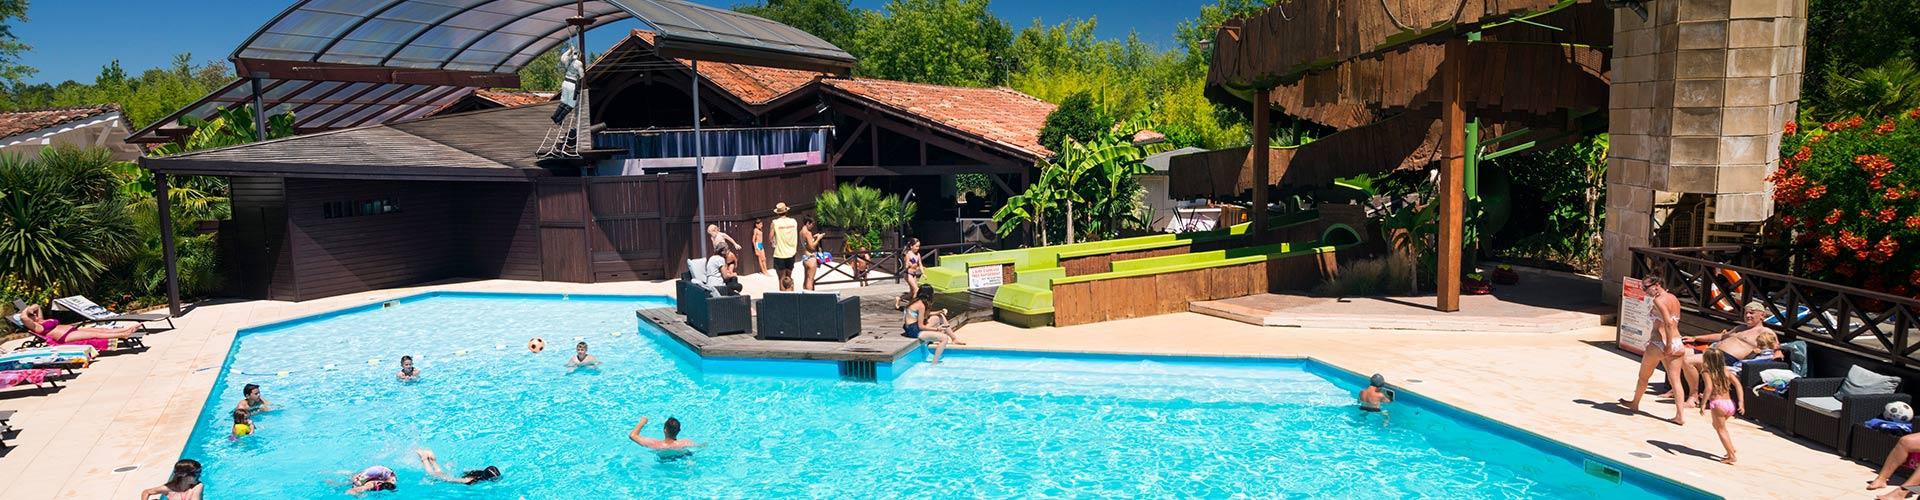 Camping le sen yan mezos dans les landes camping 5 for Camping dans les landes avec piscine